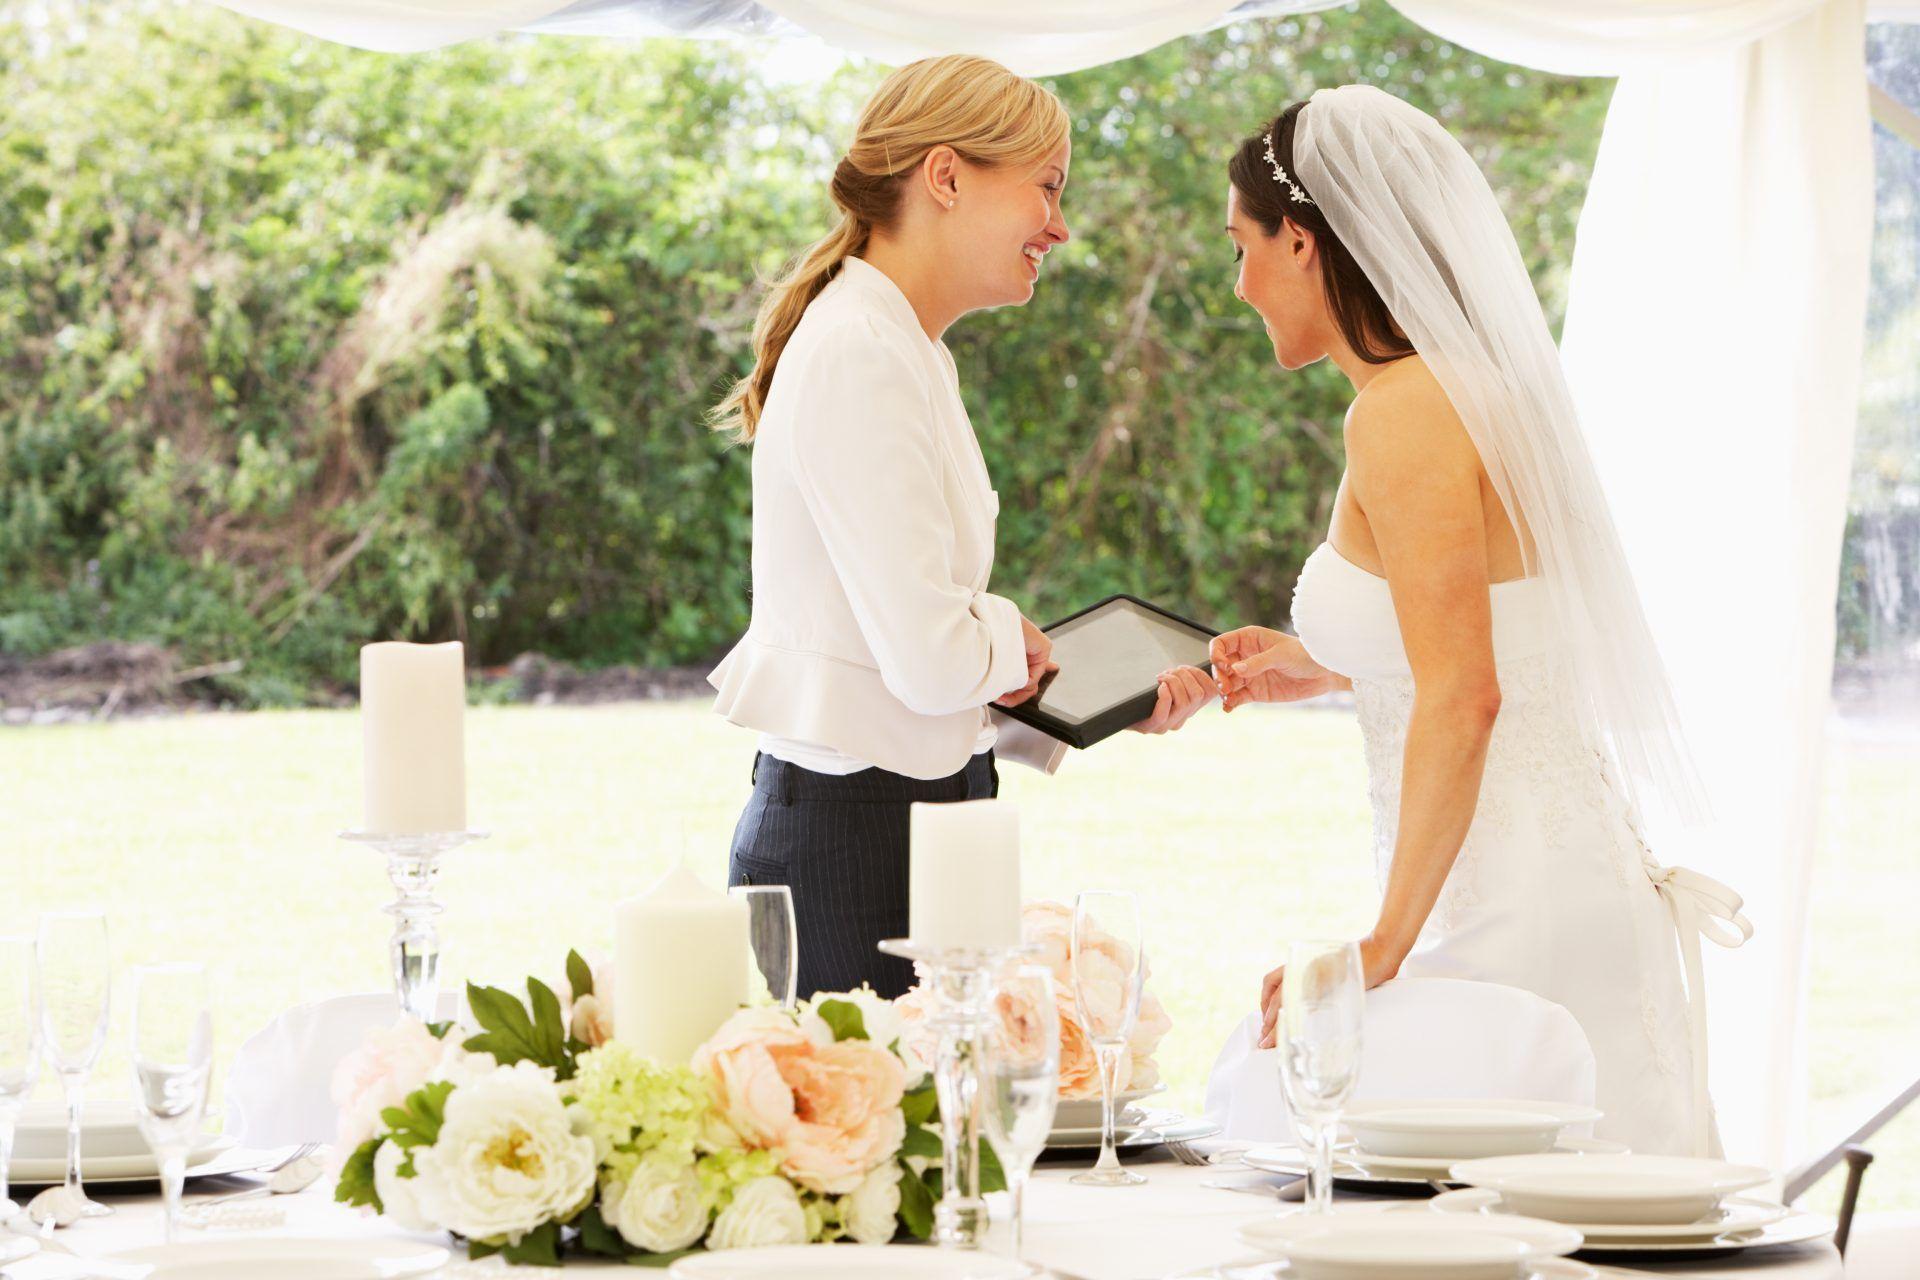 ¿Qué puedo estudiar para ser wedding planner?